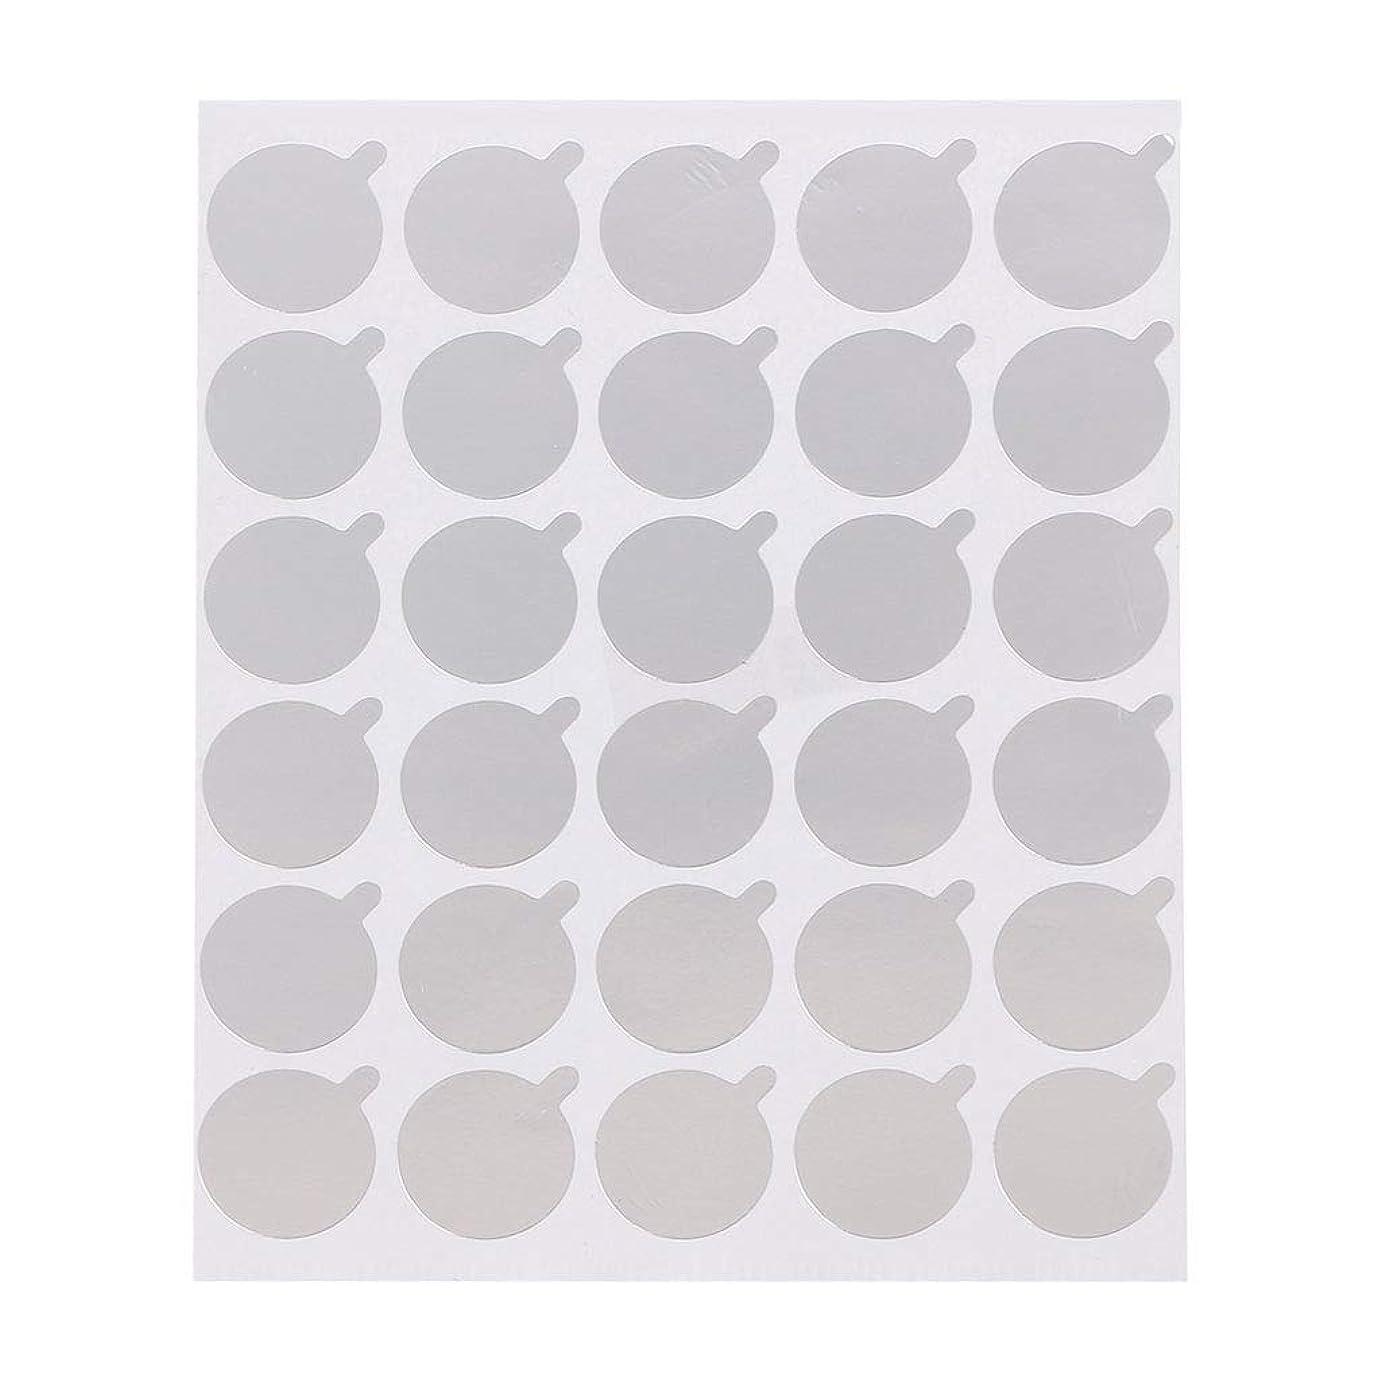 パリティ東ティモール委任Biuuu 30pcs使い捨てまつげ接着剤パレットまつげステッカー拡張パッド